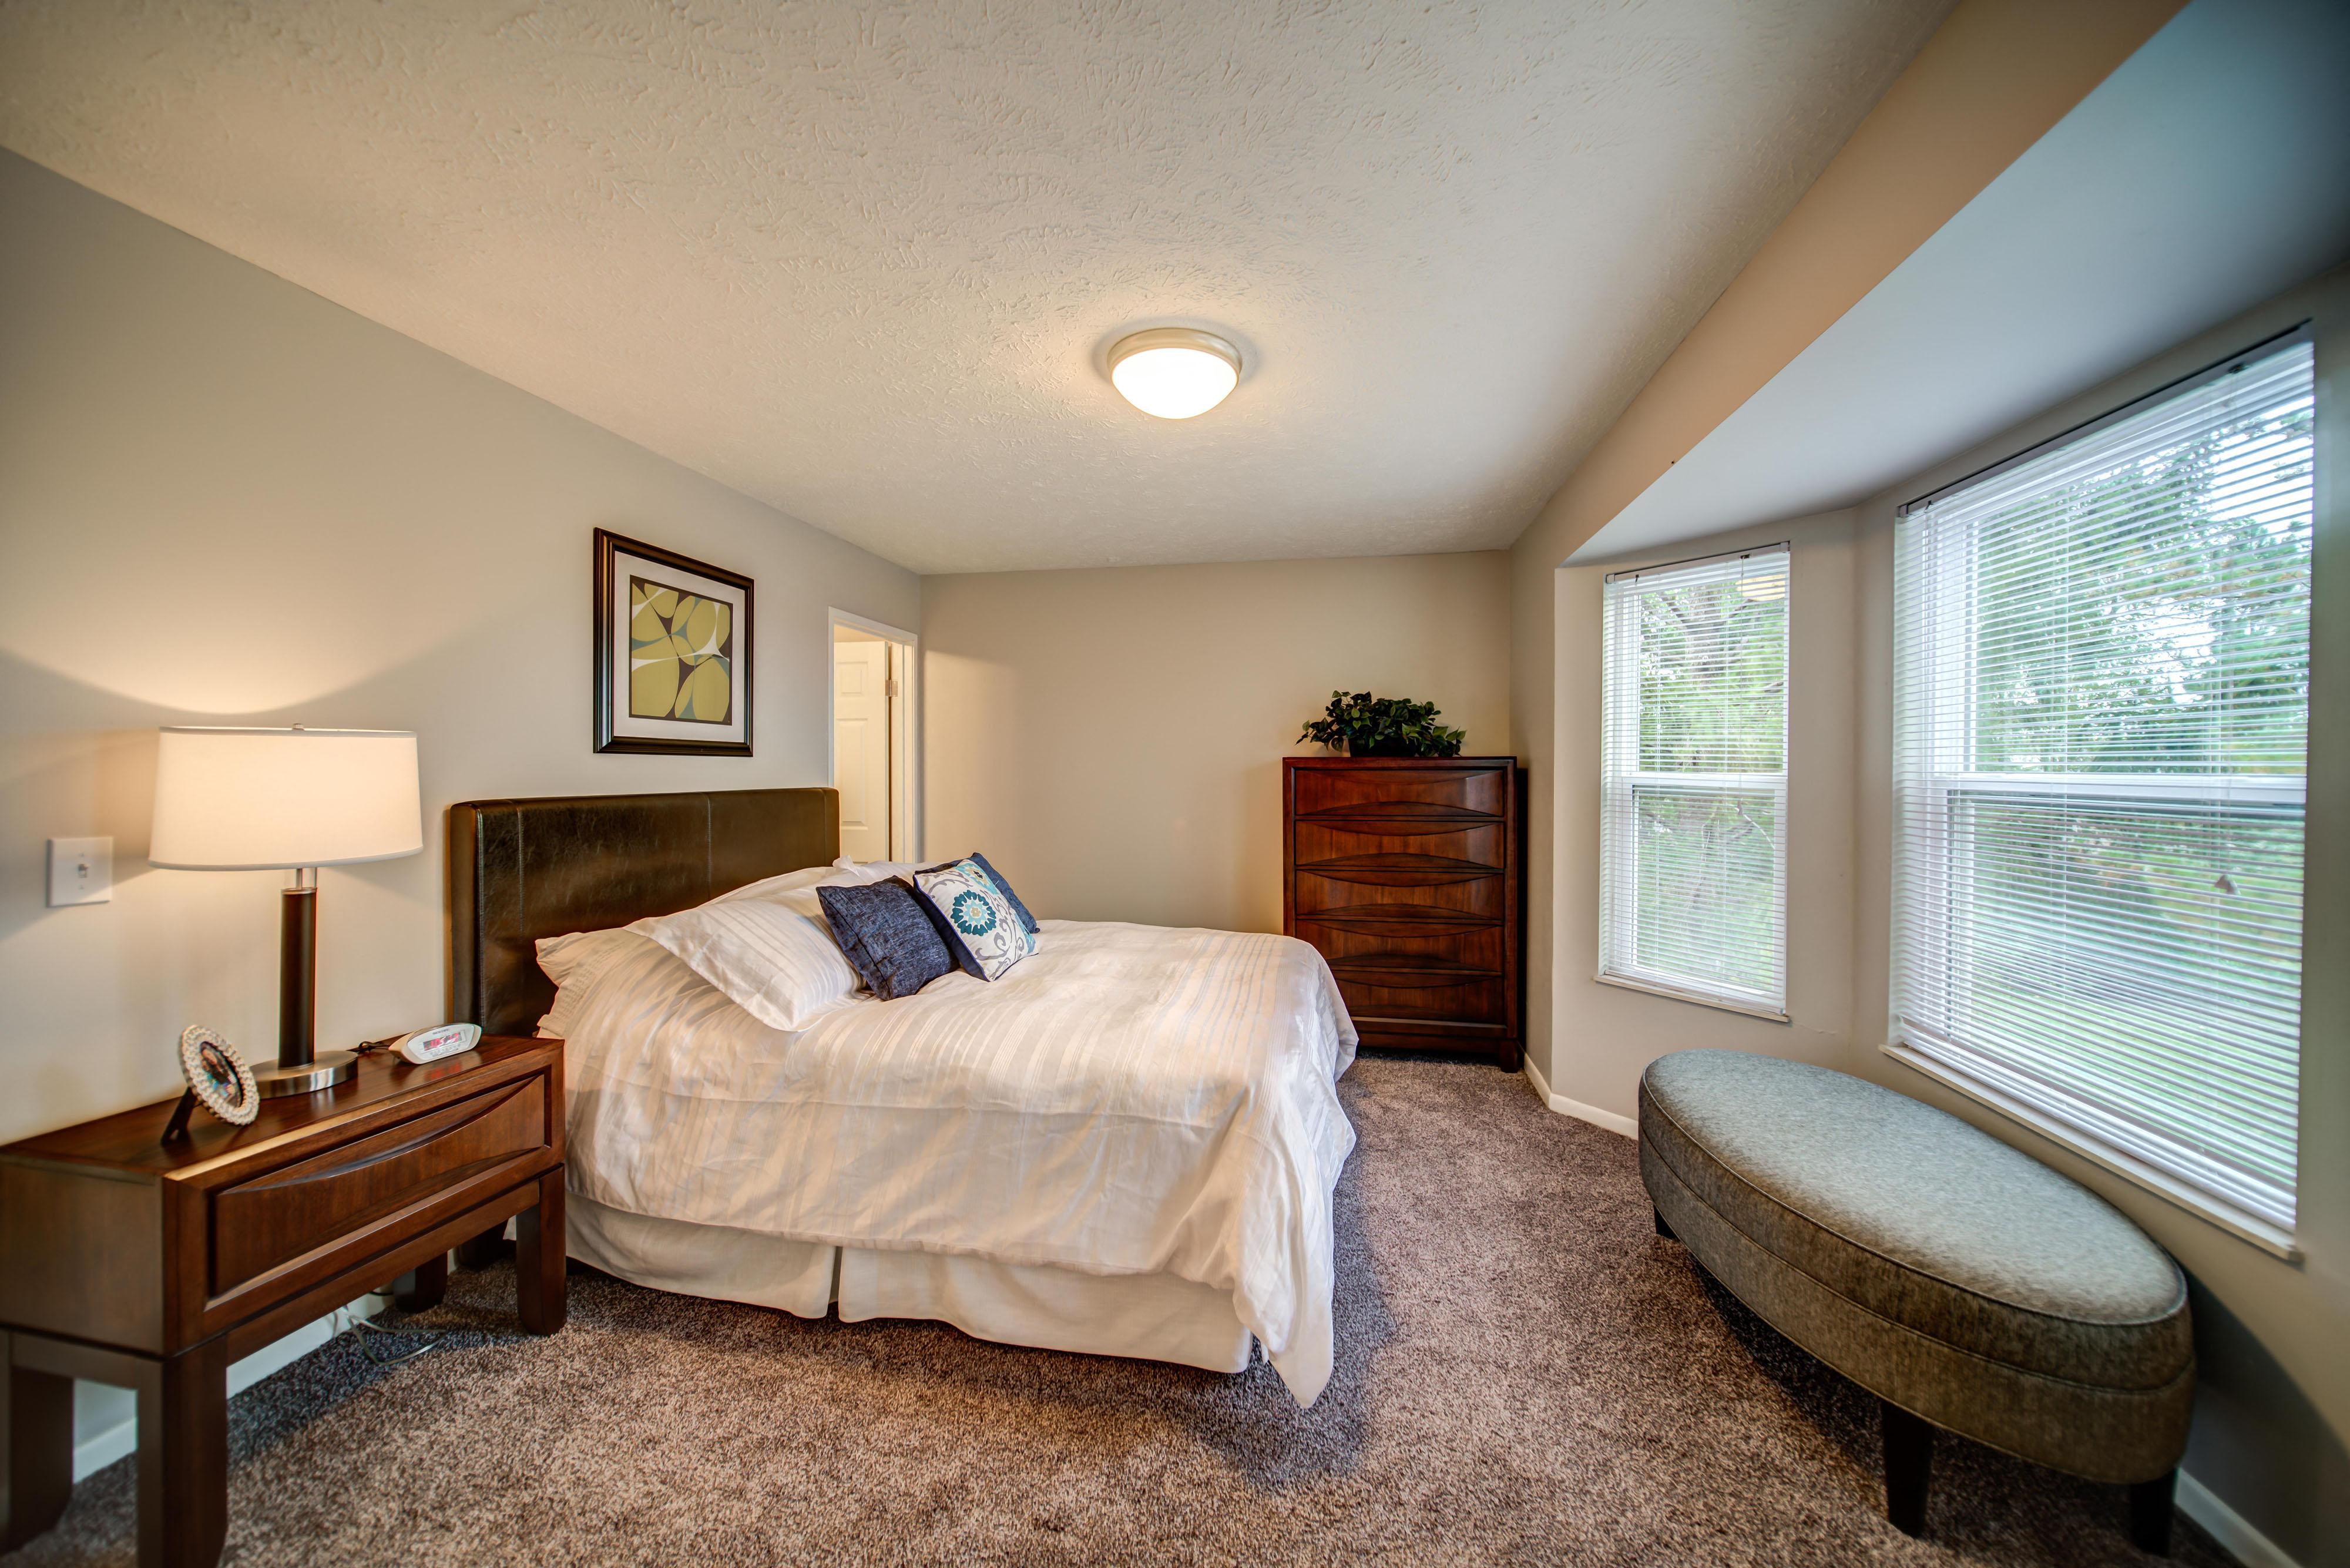 Bay Window in Bedroom